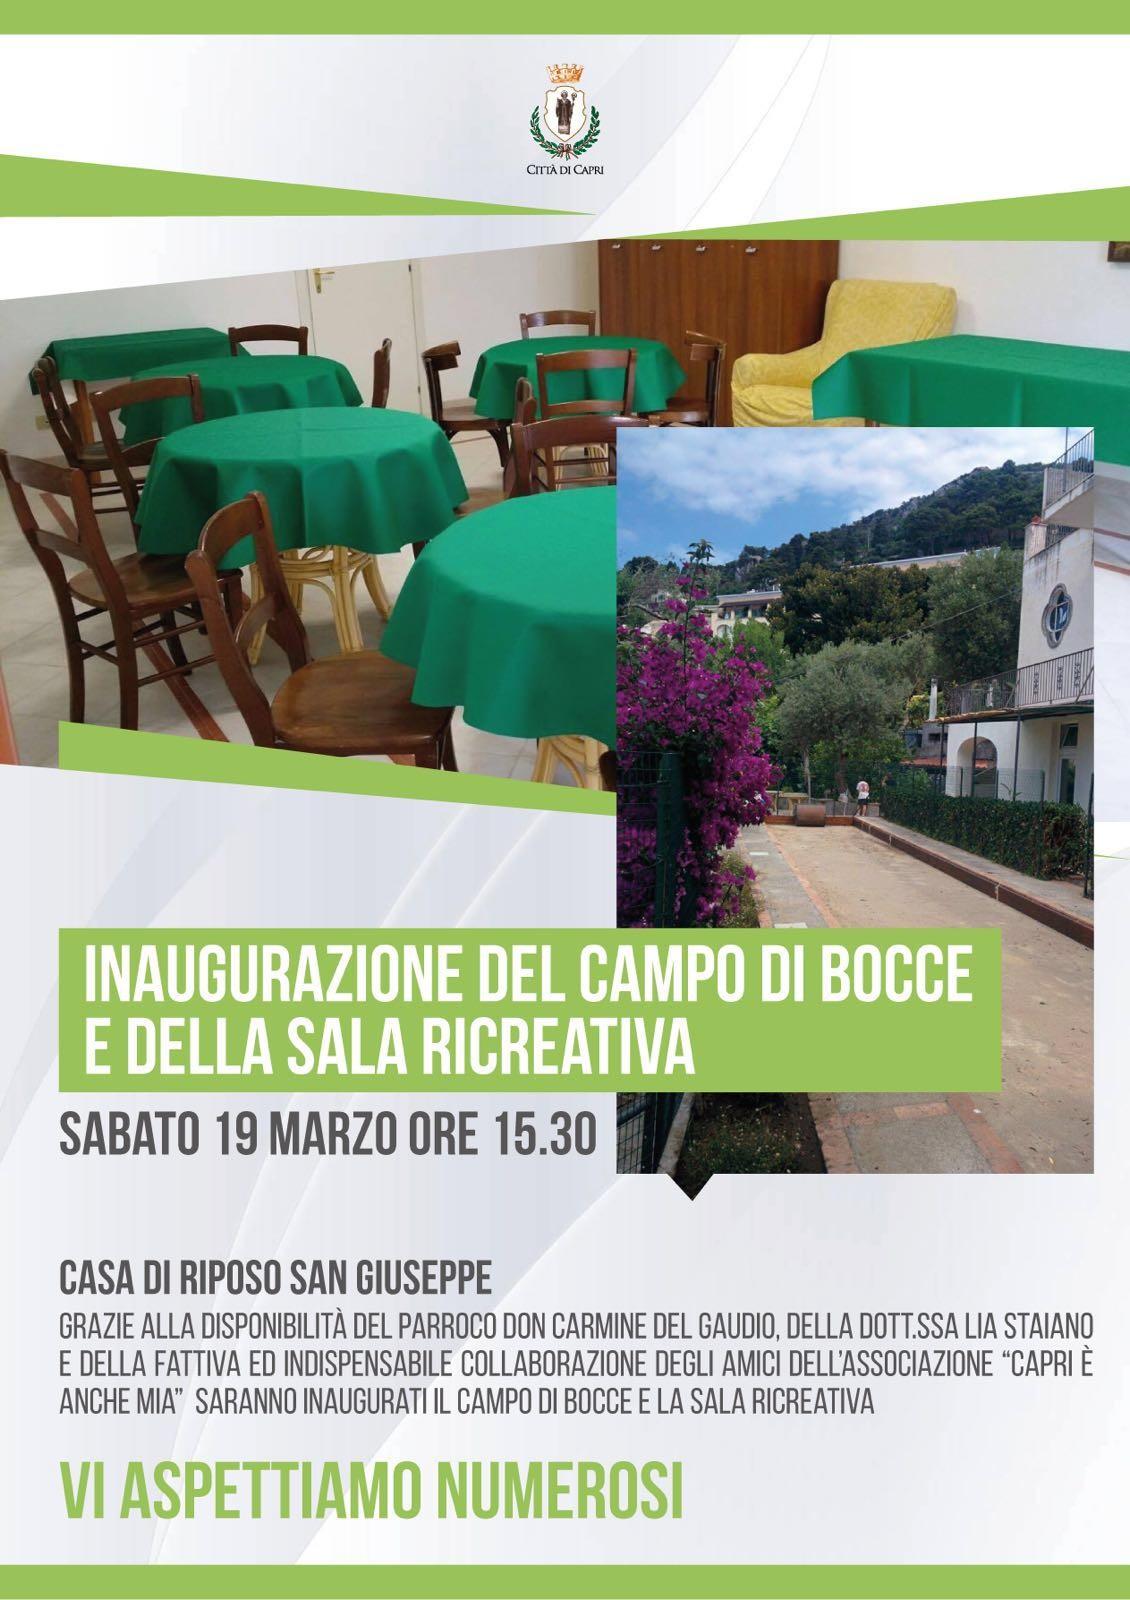 Capri: Sabato 19 Marzo l'inaugurazione del Campo di Bocce e della Sala Ricreativa